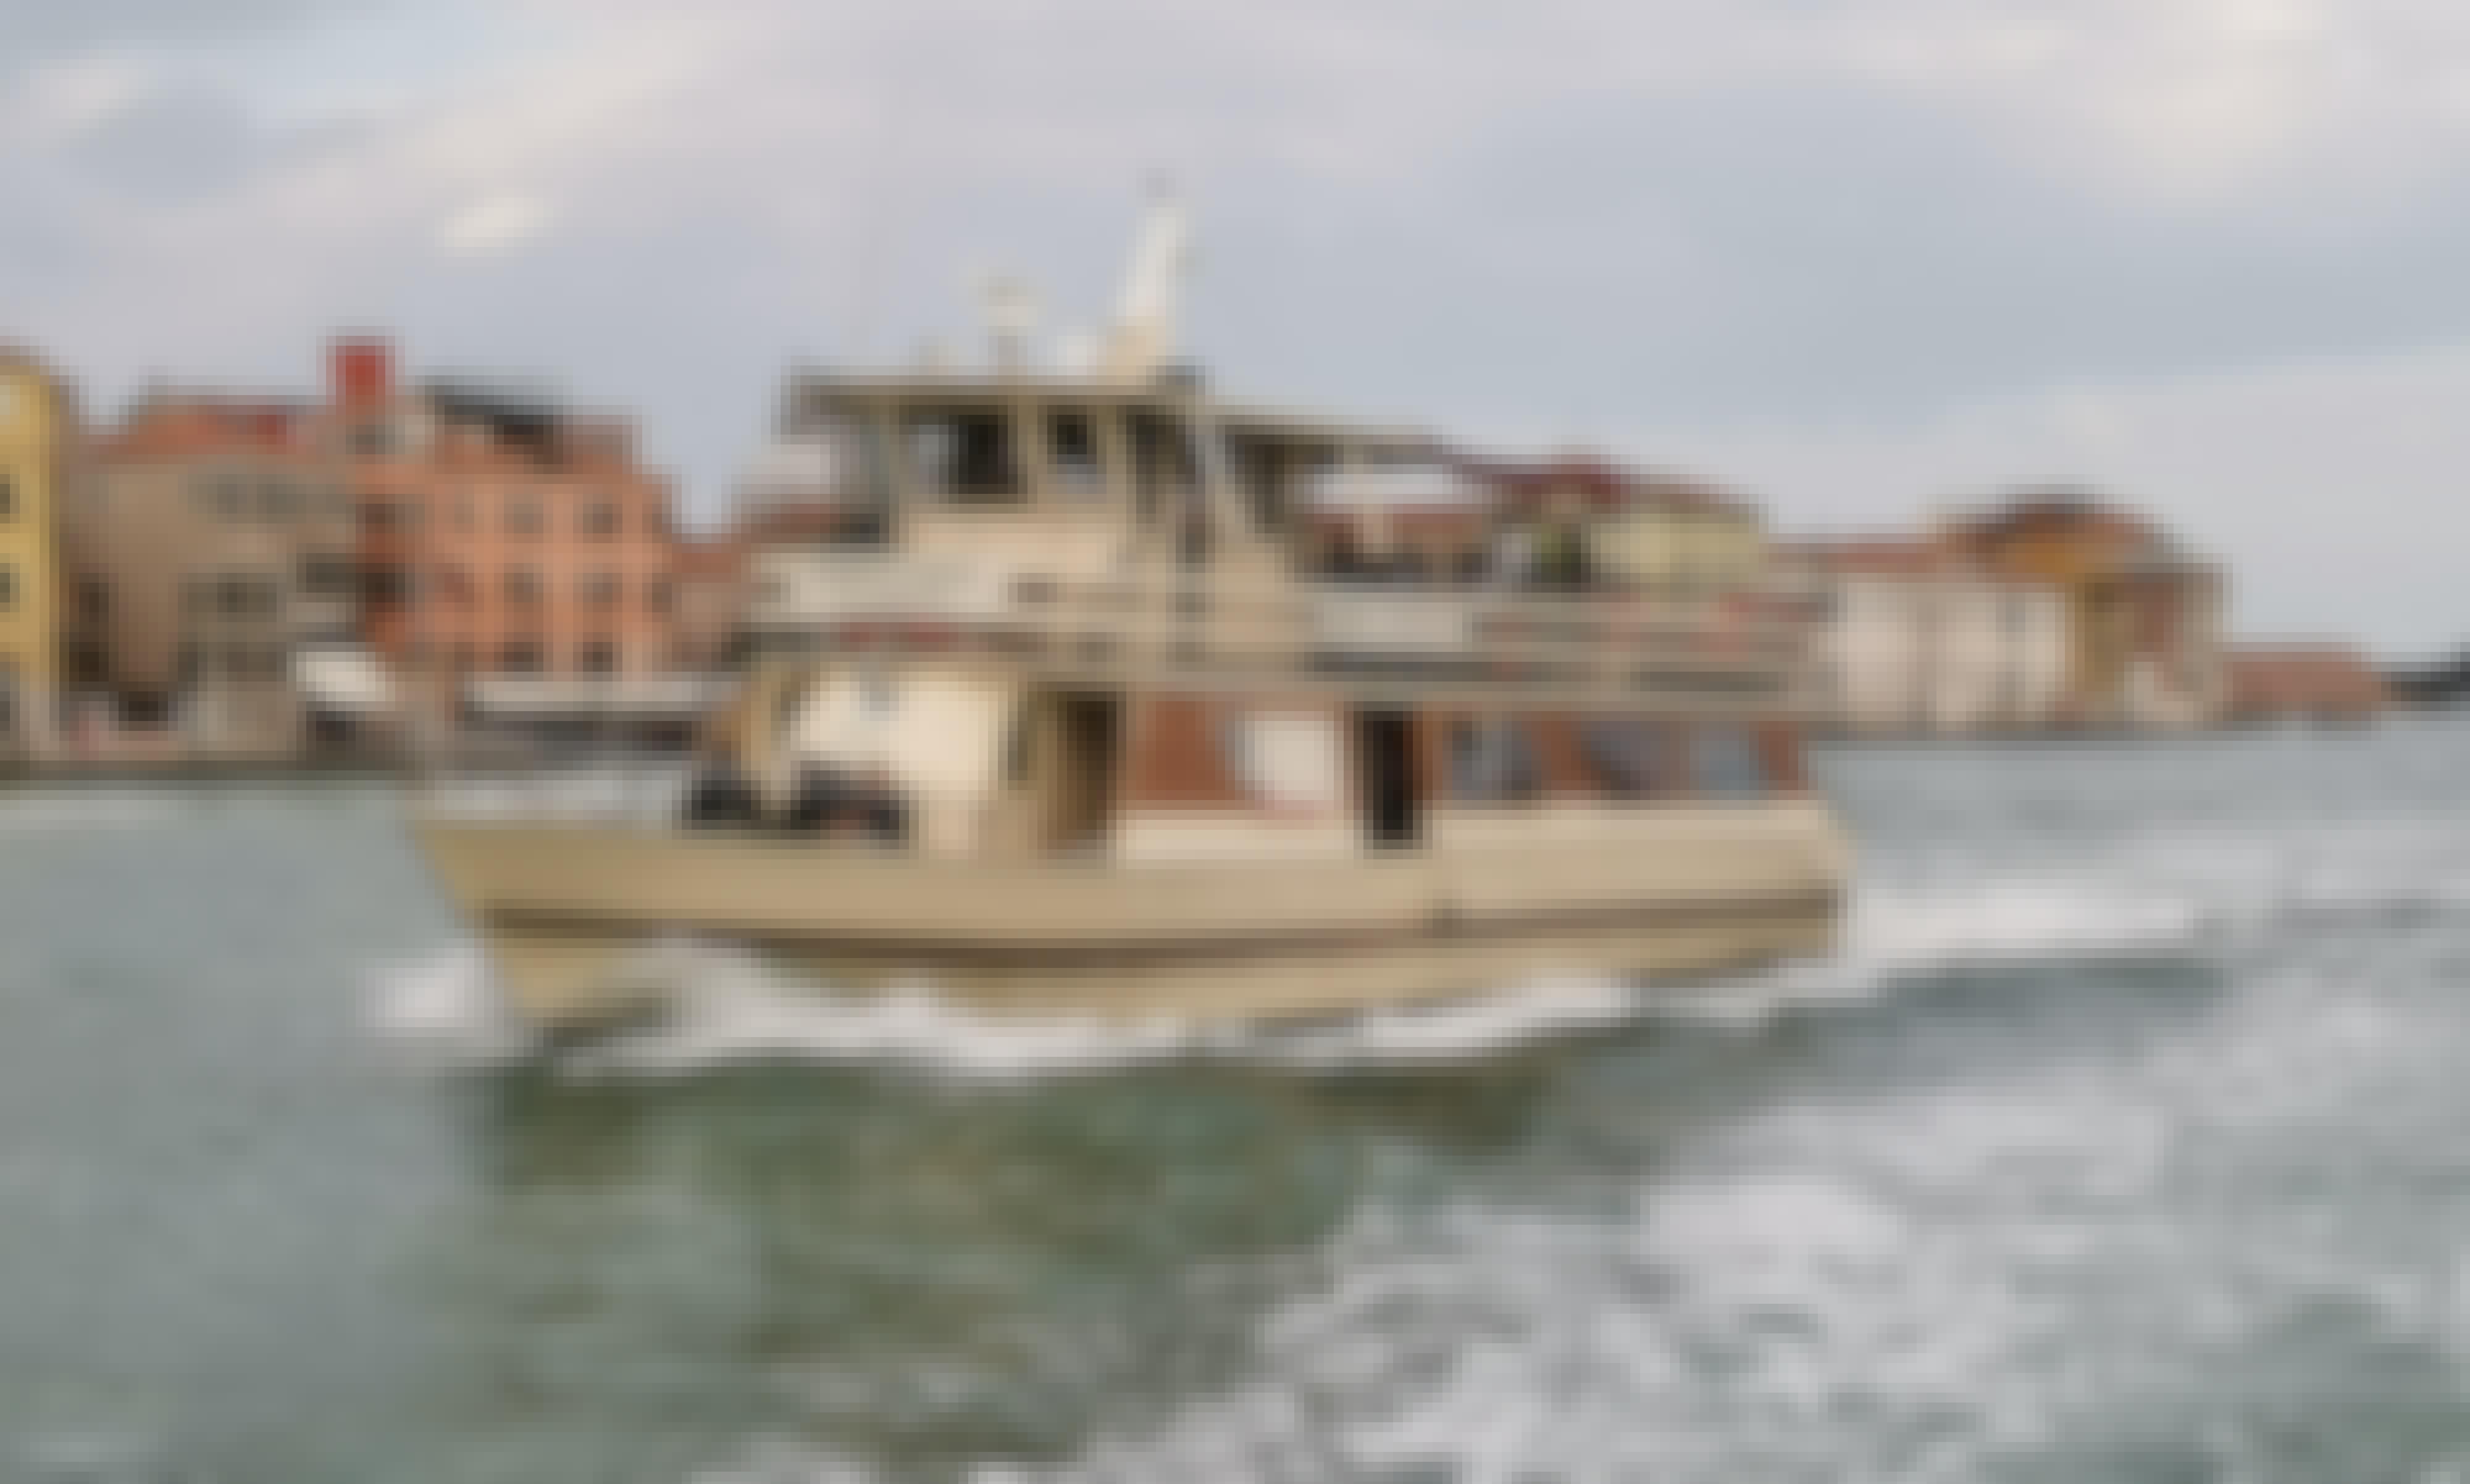 Full Day Excursion to Murano, Burano, Torcello and San Francesco del Deserto Islands